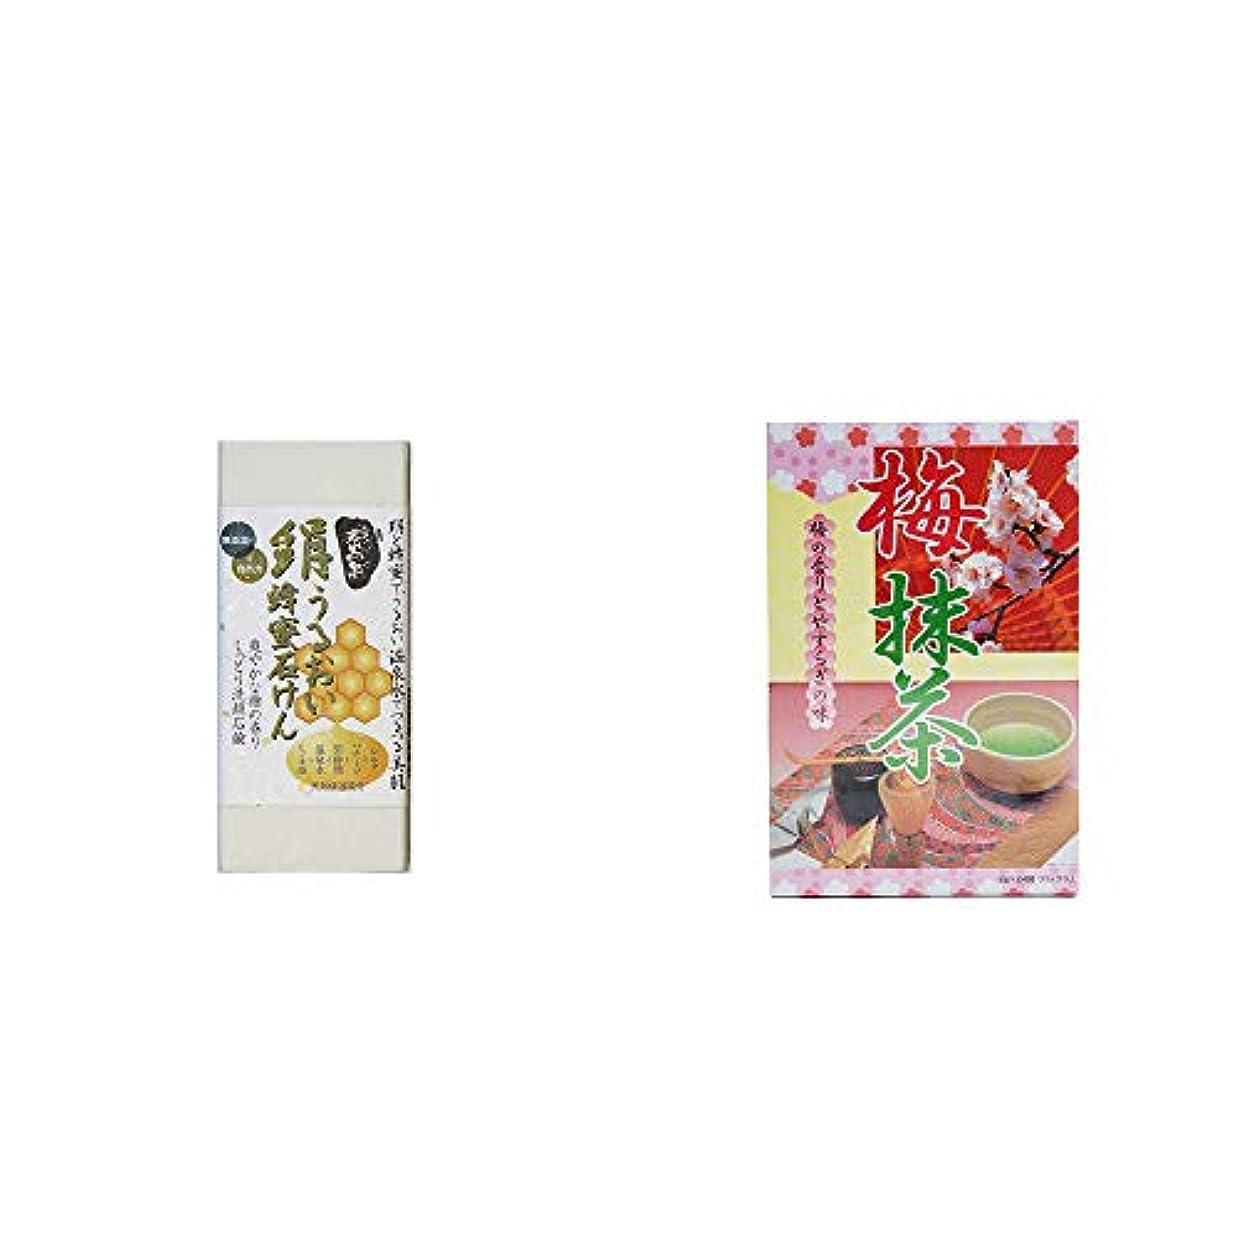 発疹回転する小麦[2点セット] ひのき炭黒泉 絹うるおい蜂蜜石けん(75g×2)?梅抹茶[大](24袋)